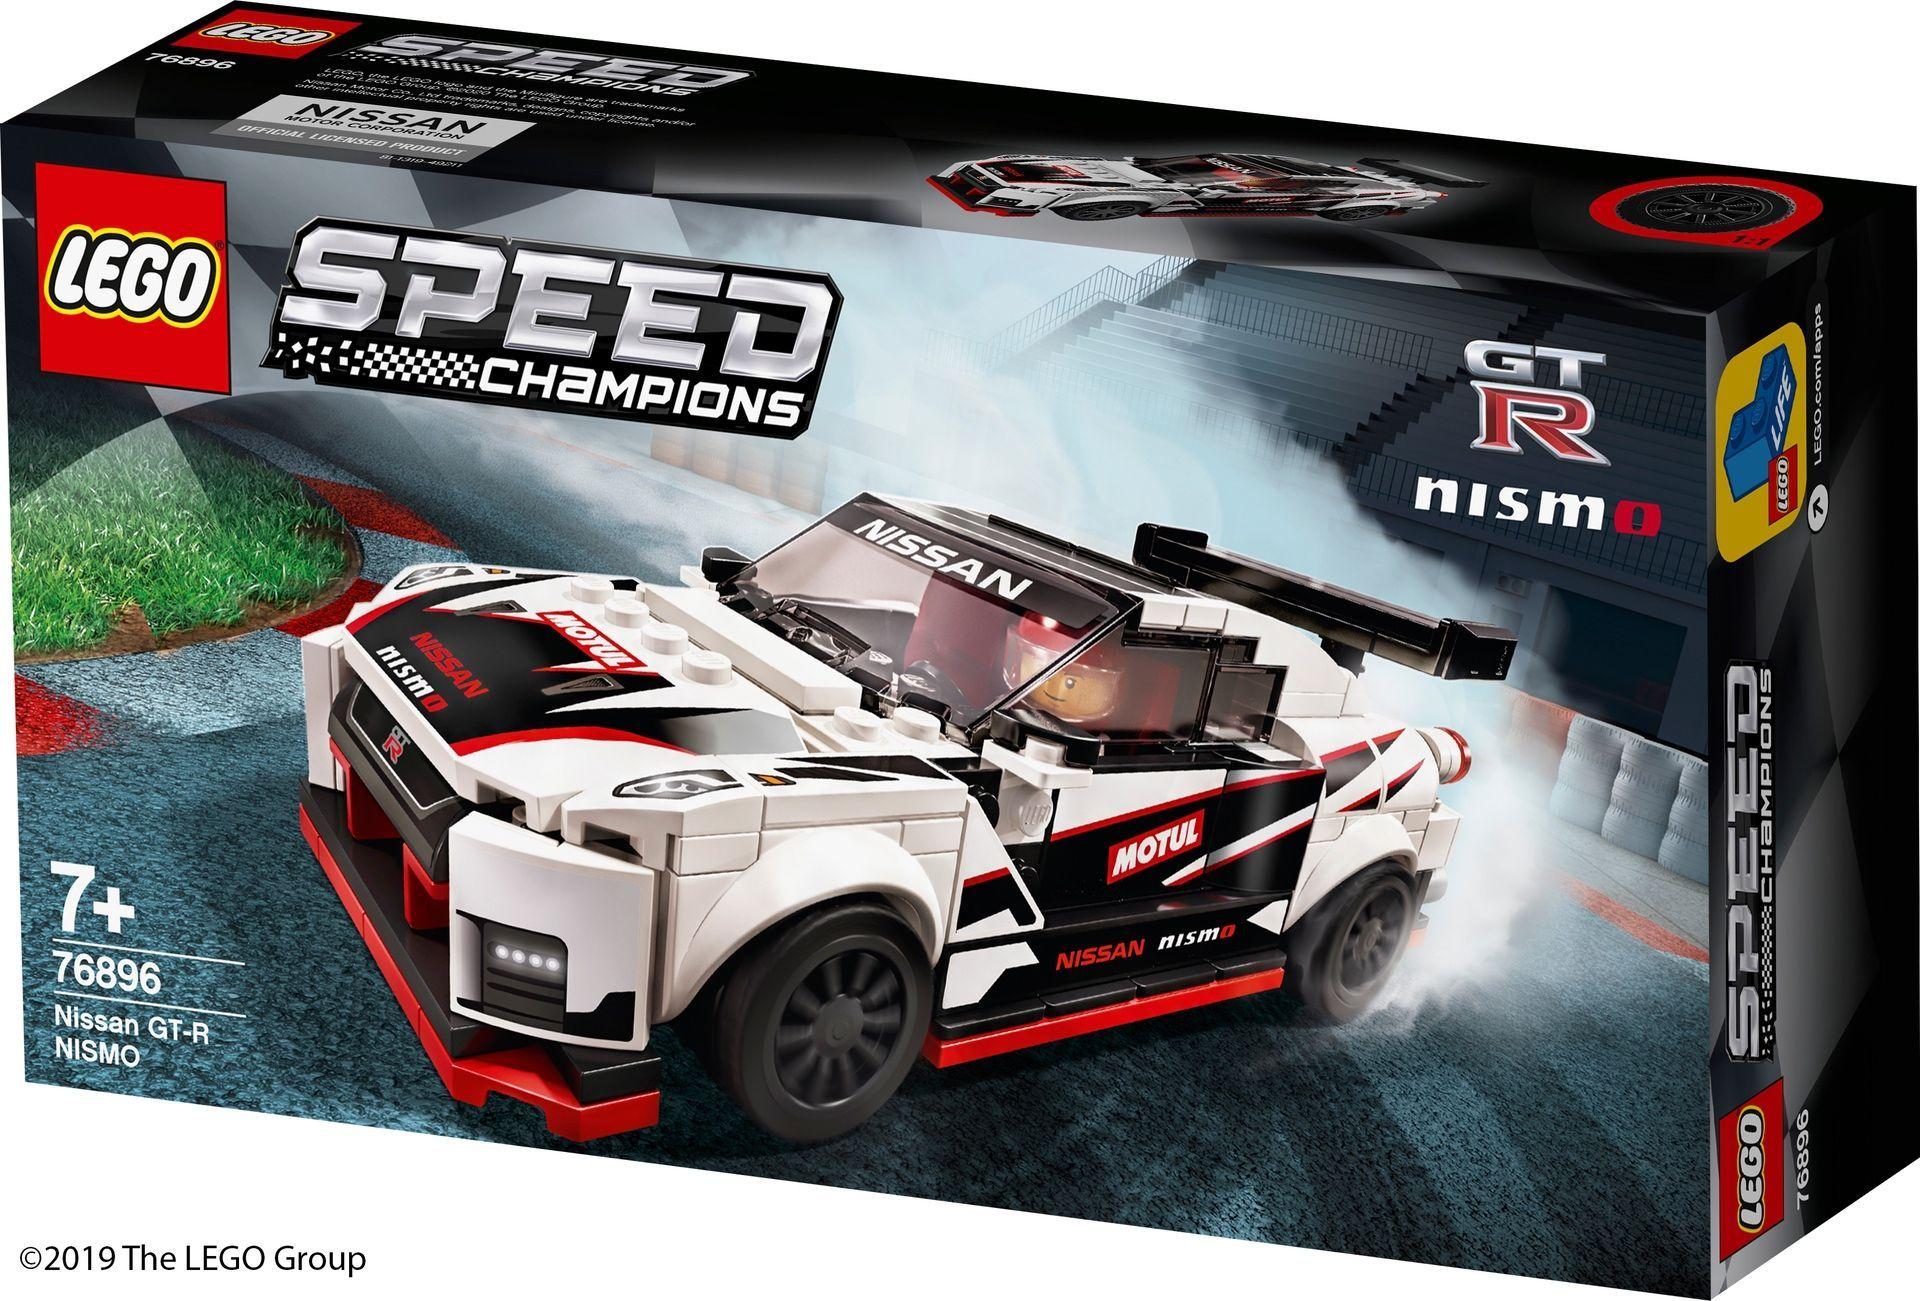 Nissan_GT-R_Nismo_Lego_0013